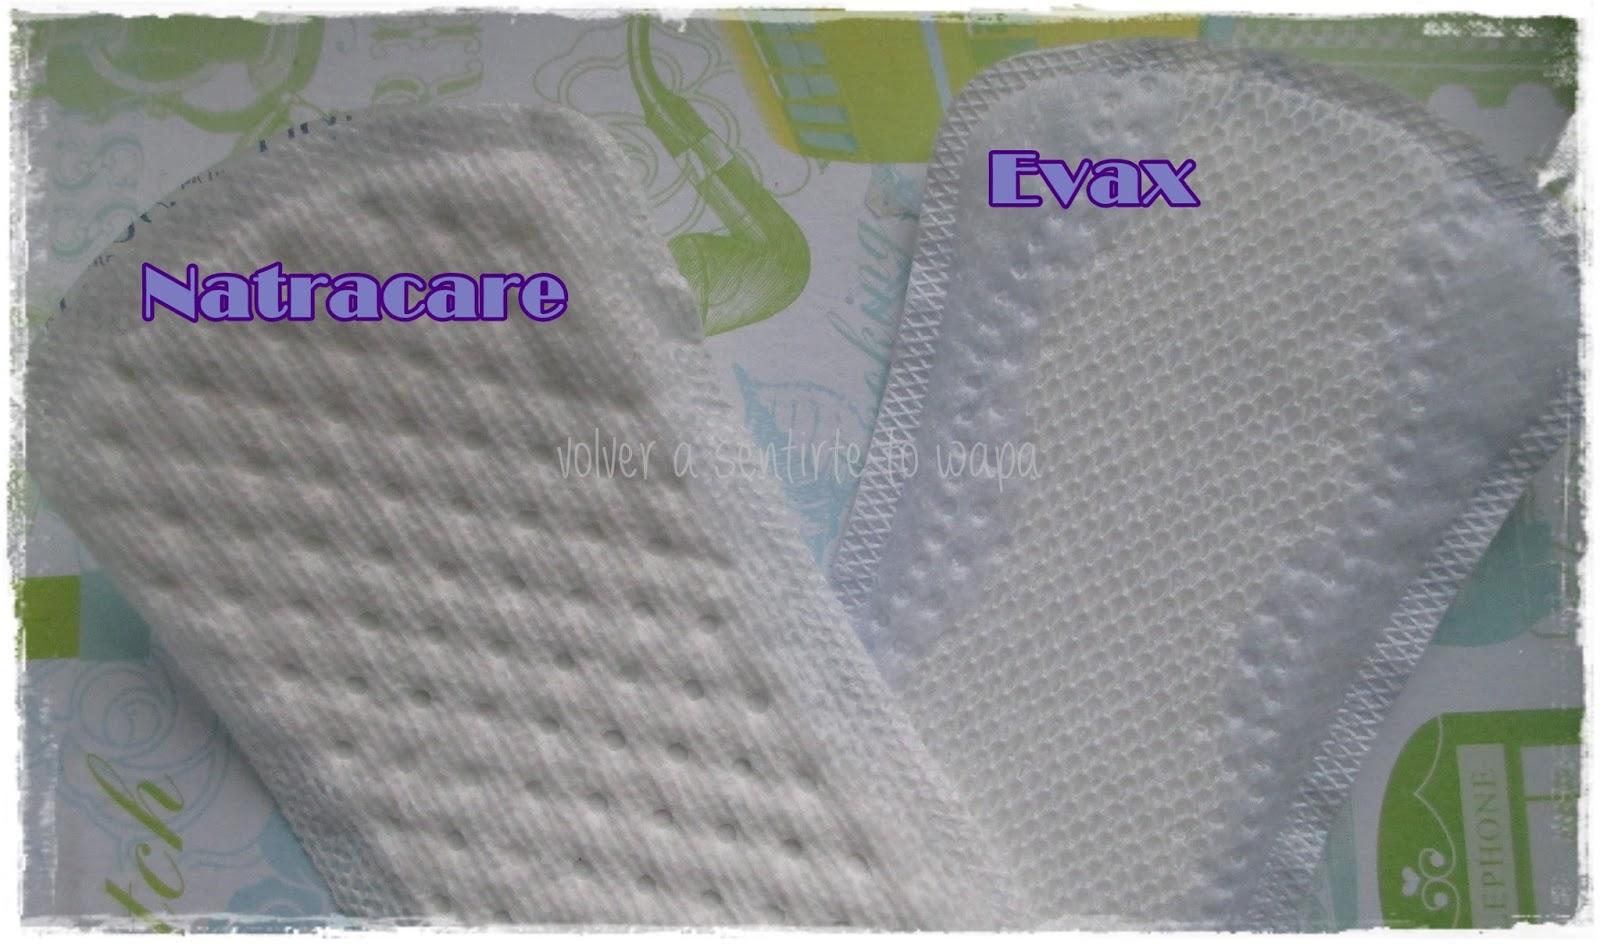 CUIDADO ÍNTIMO: salvaslip de algodón ¿sí o no? - NATRACARE vs EVAX